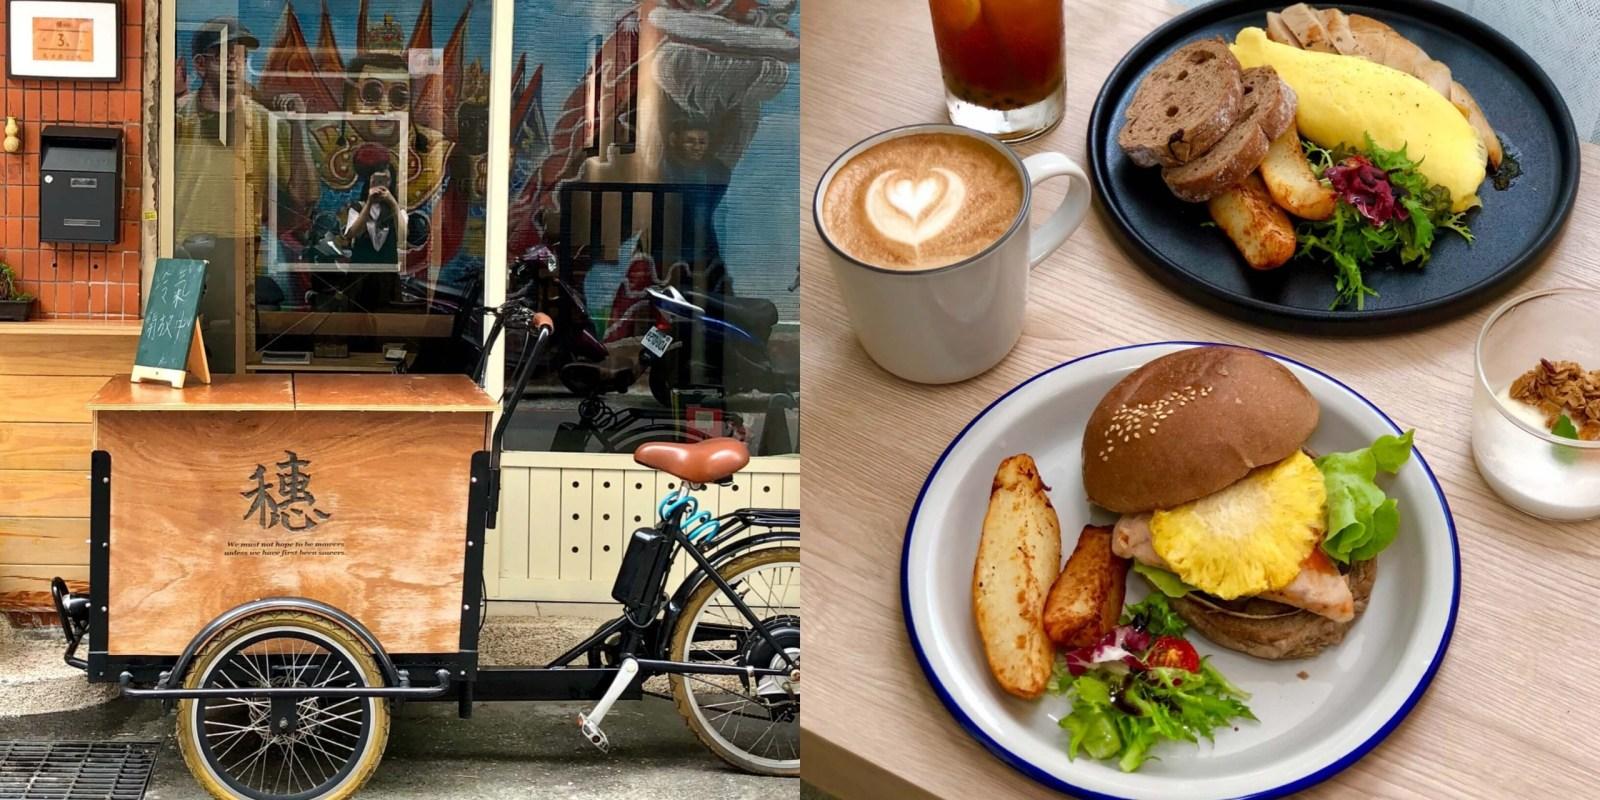 【三重美食】穗Sui|新開幕!隱藏在巷弄內主打健康料理的早午餐,不管是環境還是餐點都很推薦